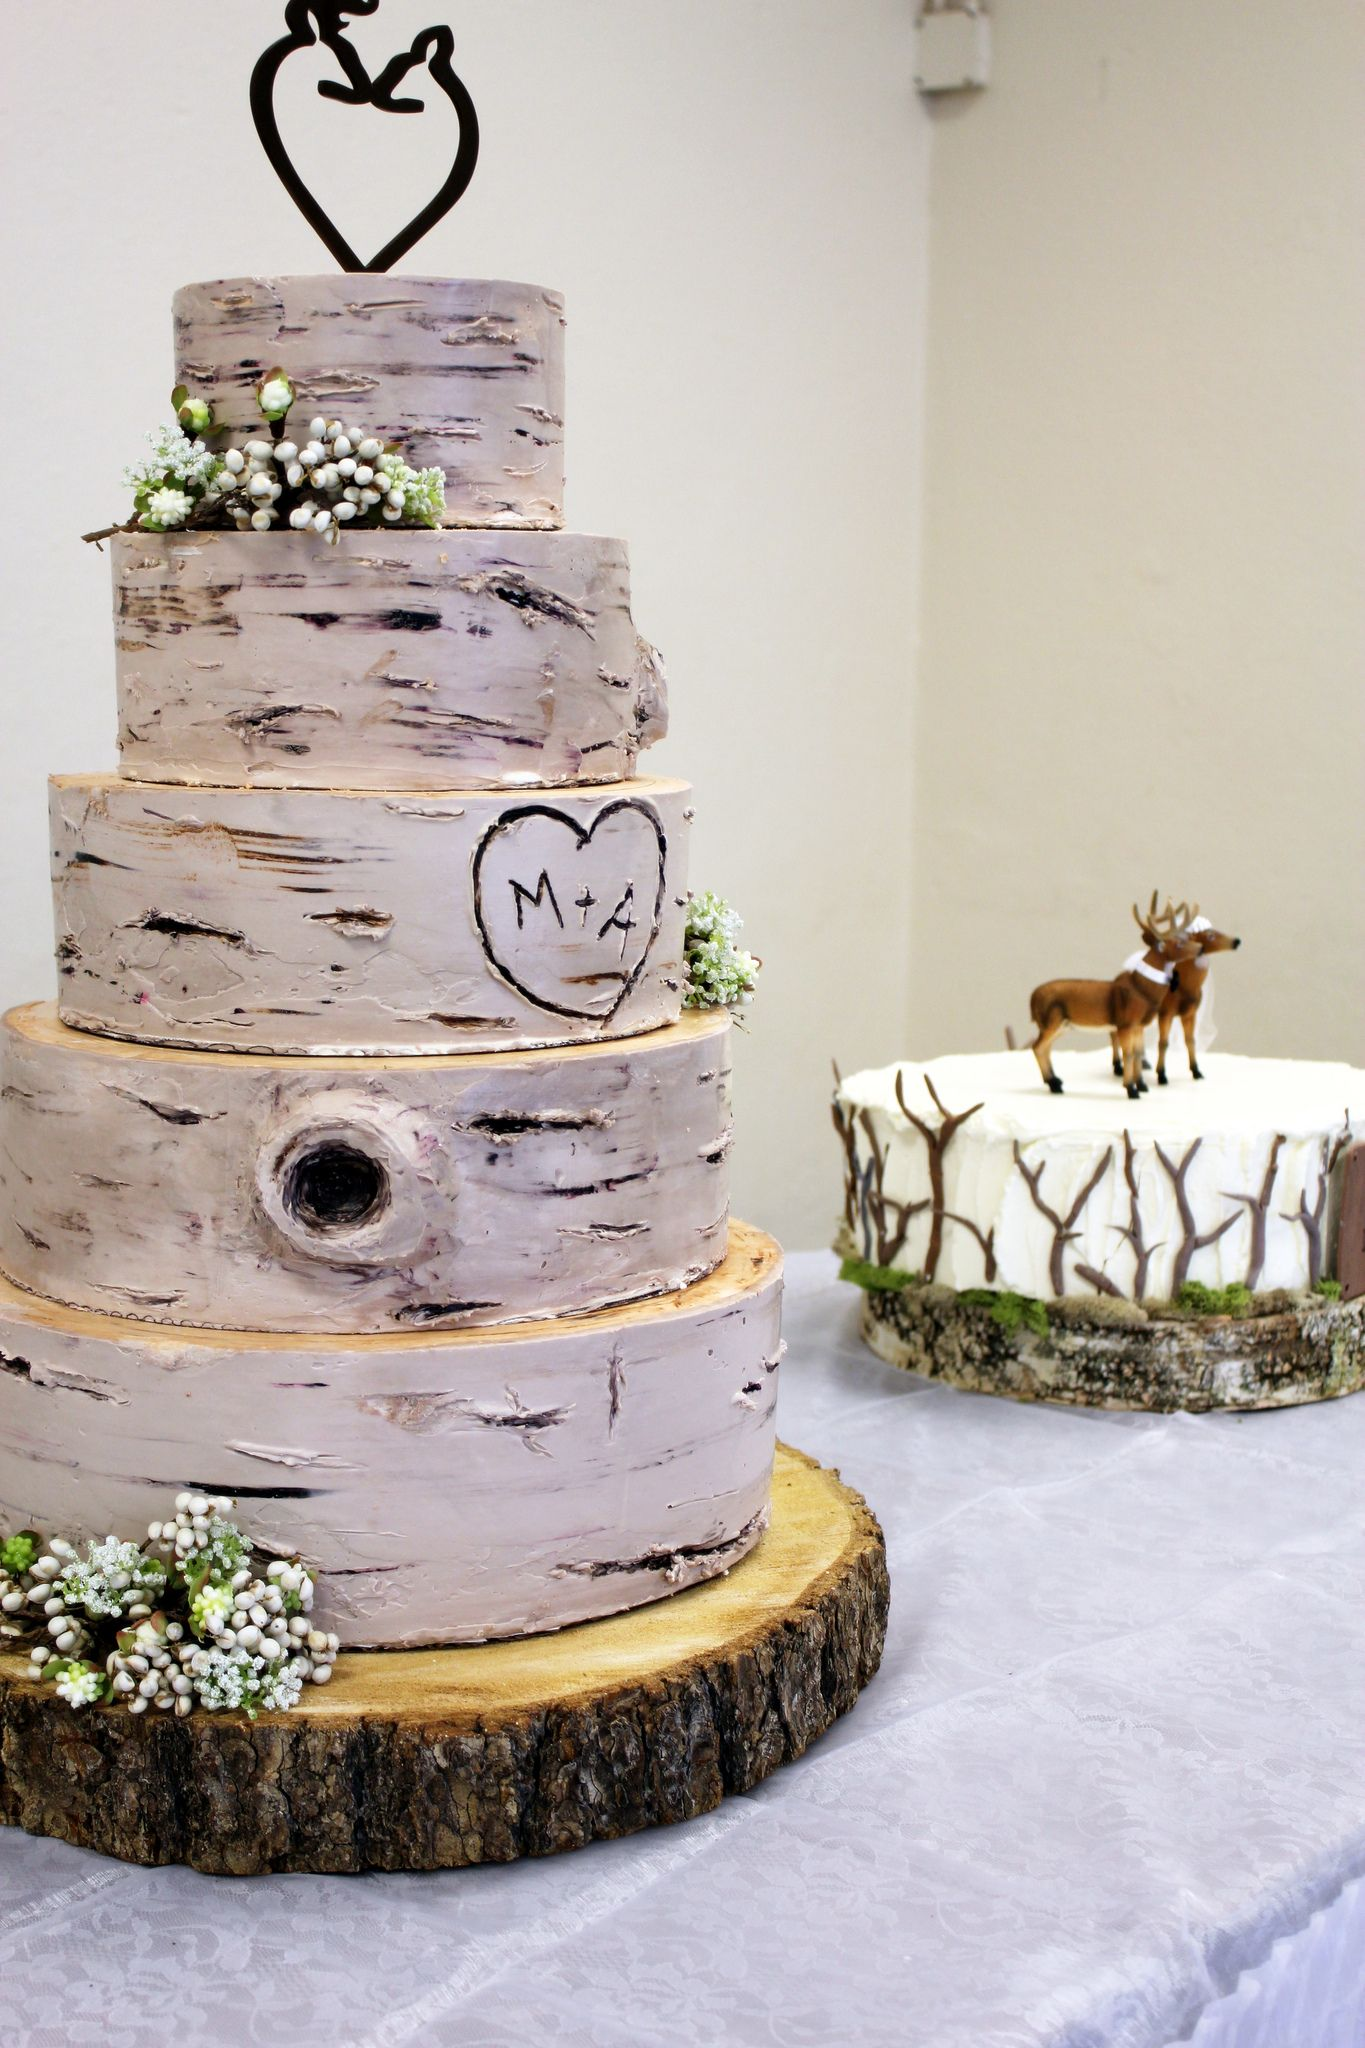 Rustic Wedding Cakes Alyssa First Bday Ideas Hochzeitstorte